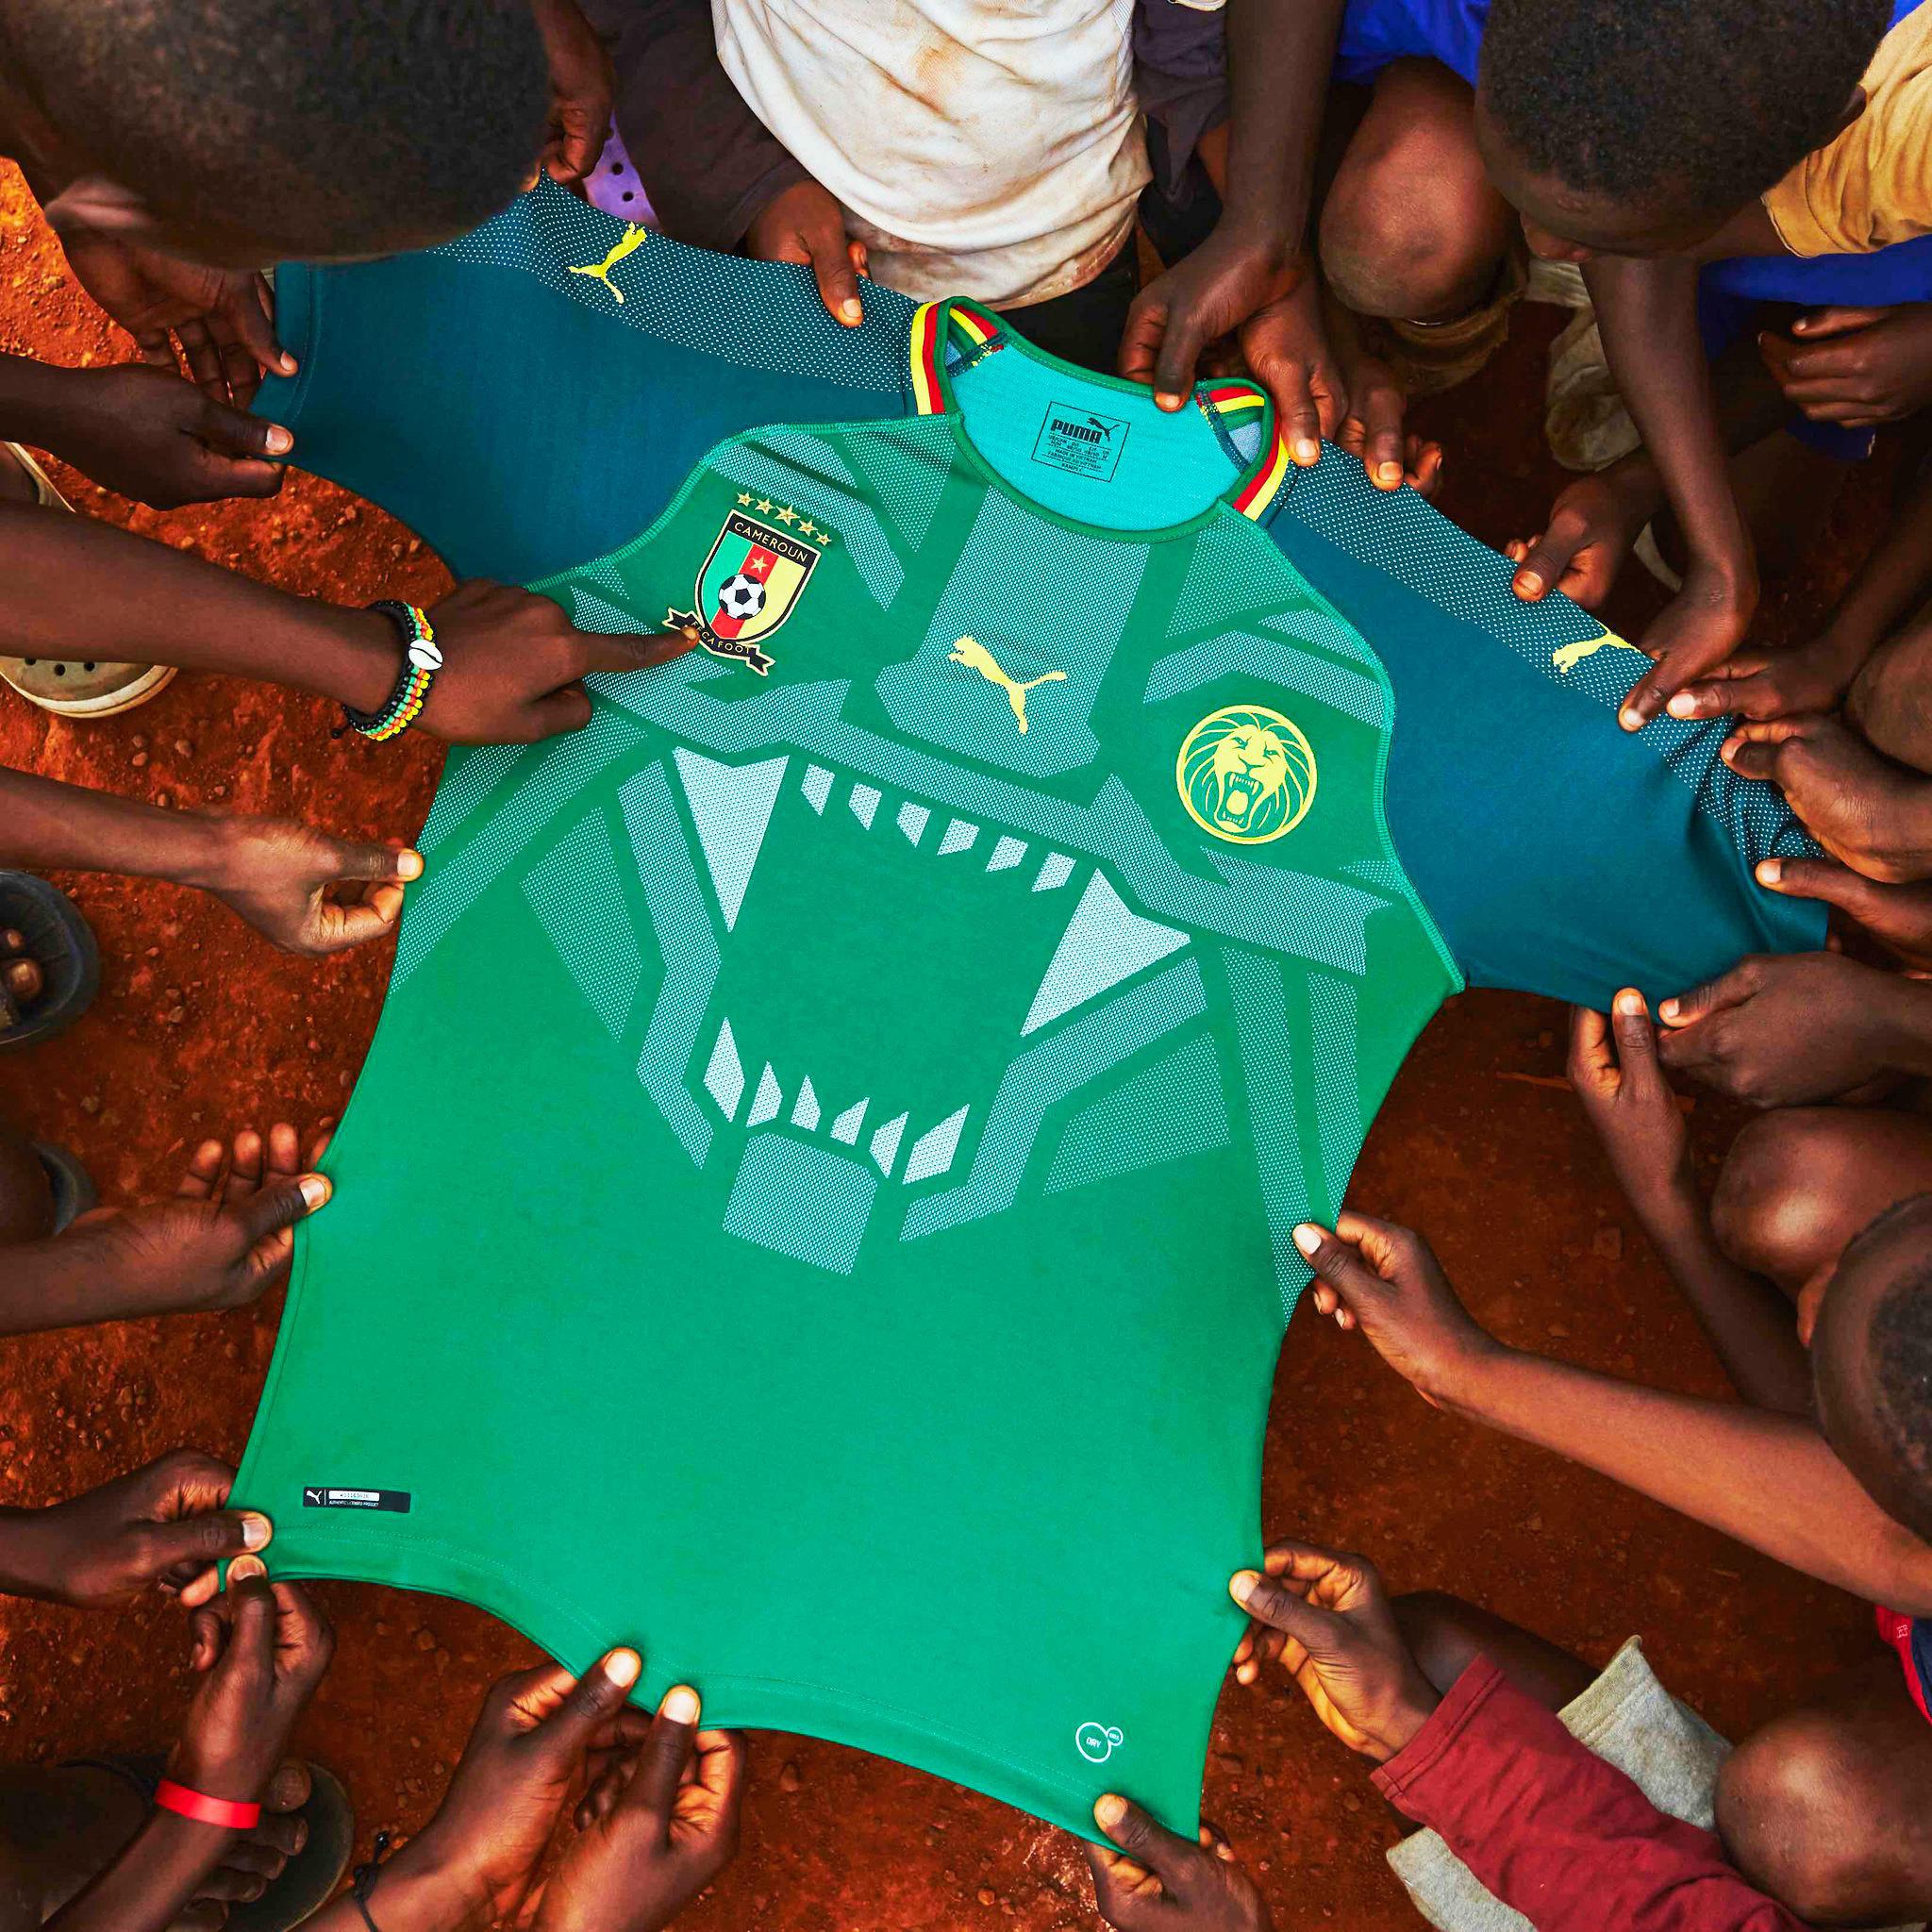 Camarões apresenta uma das camisas de futebol mais inovadoras de ... 570aae4644eb9